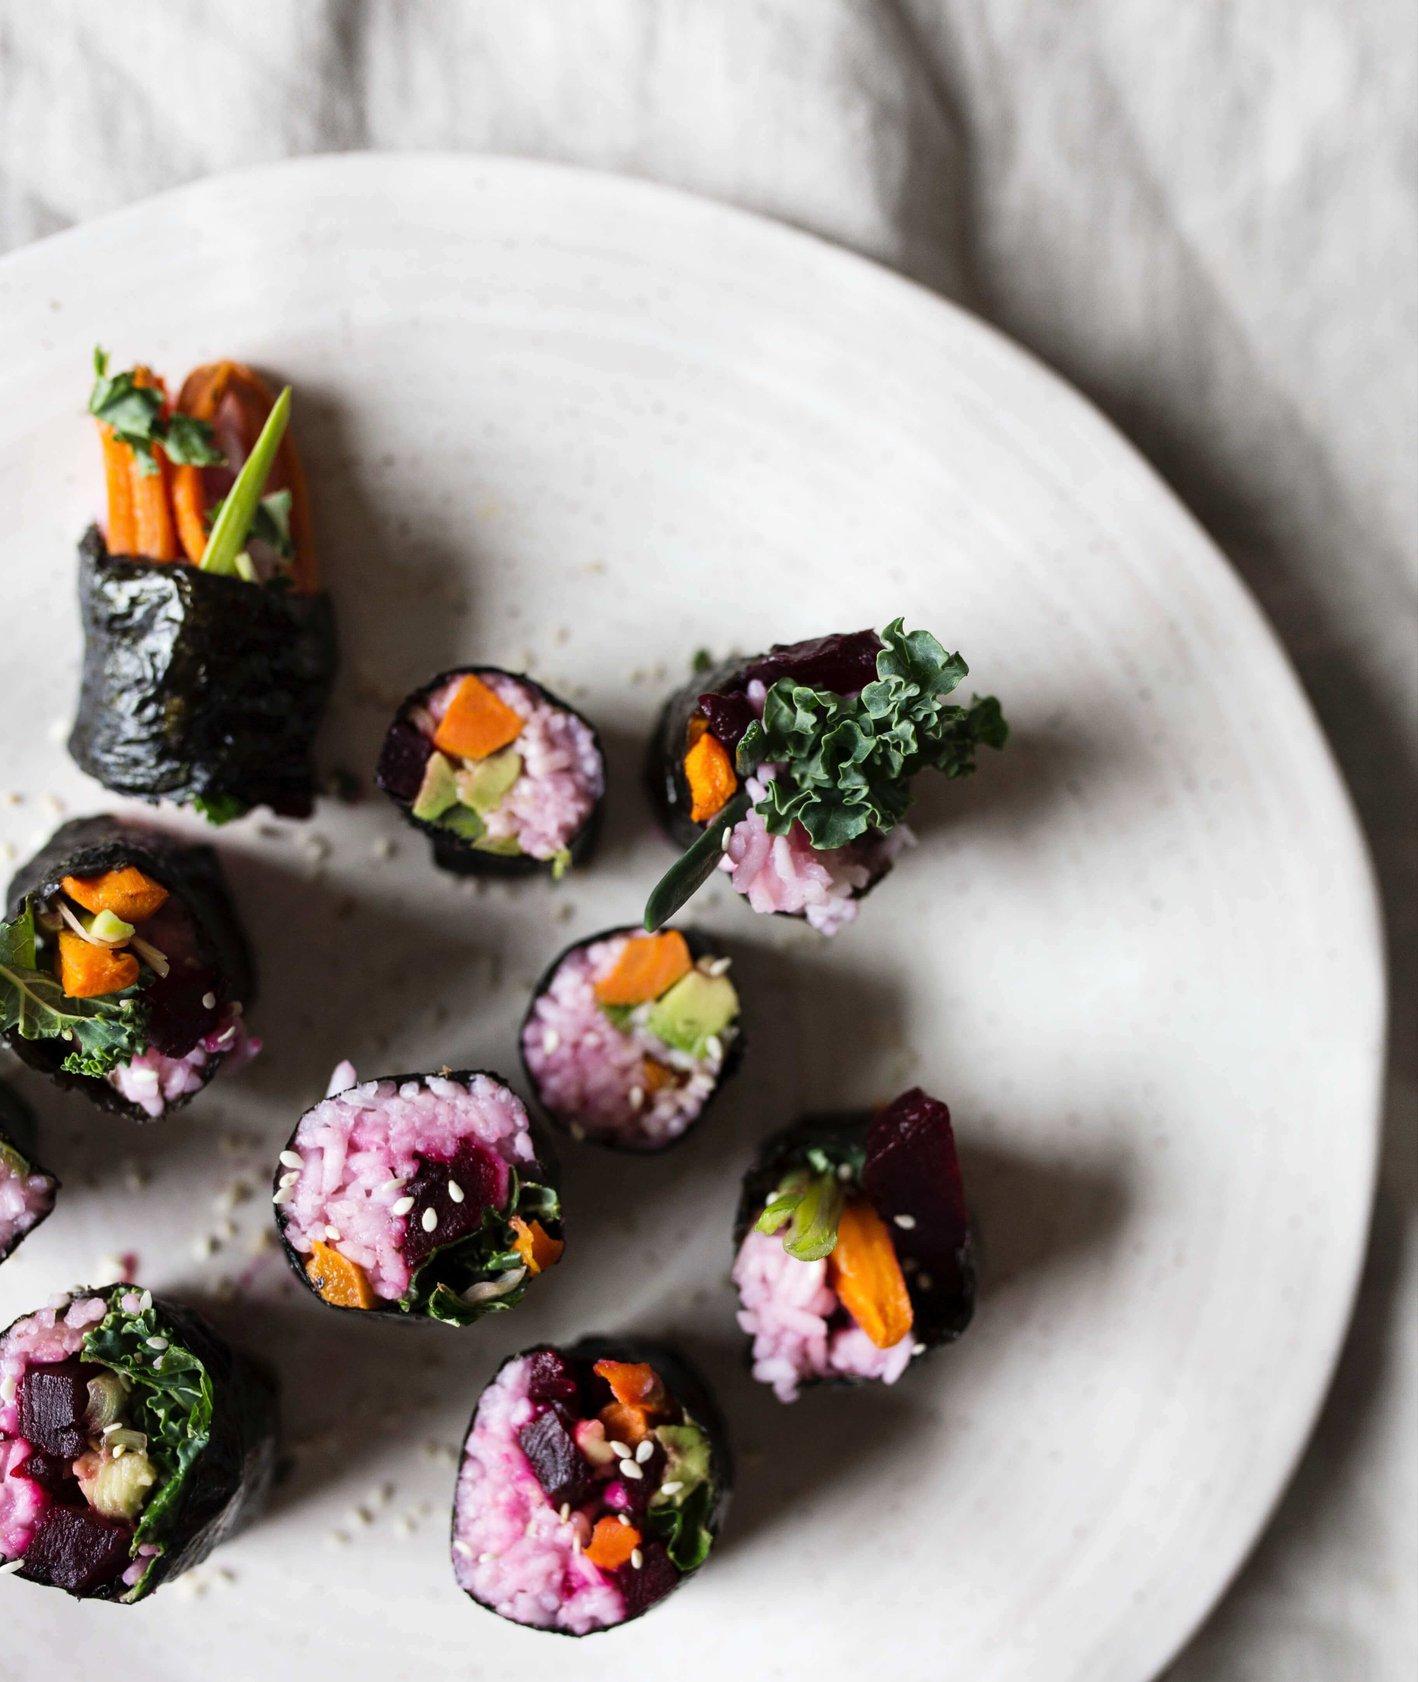 wegańskie sushi, rolki sushi, domowe sushi, jedzenie dla dzieci, sushi dla dzieci, warzywne sushi, kuchnia azjatycka, pomysł na lunchbox, obiad do pracy, pieczony burak